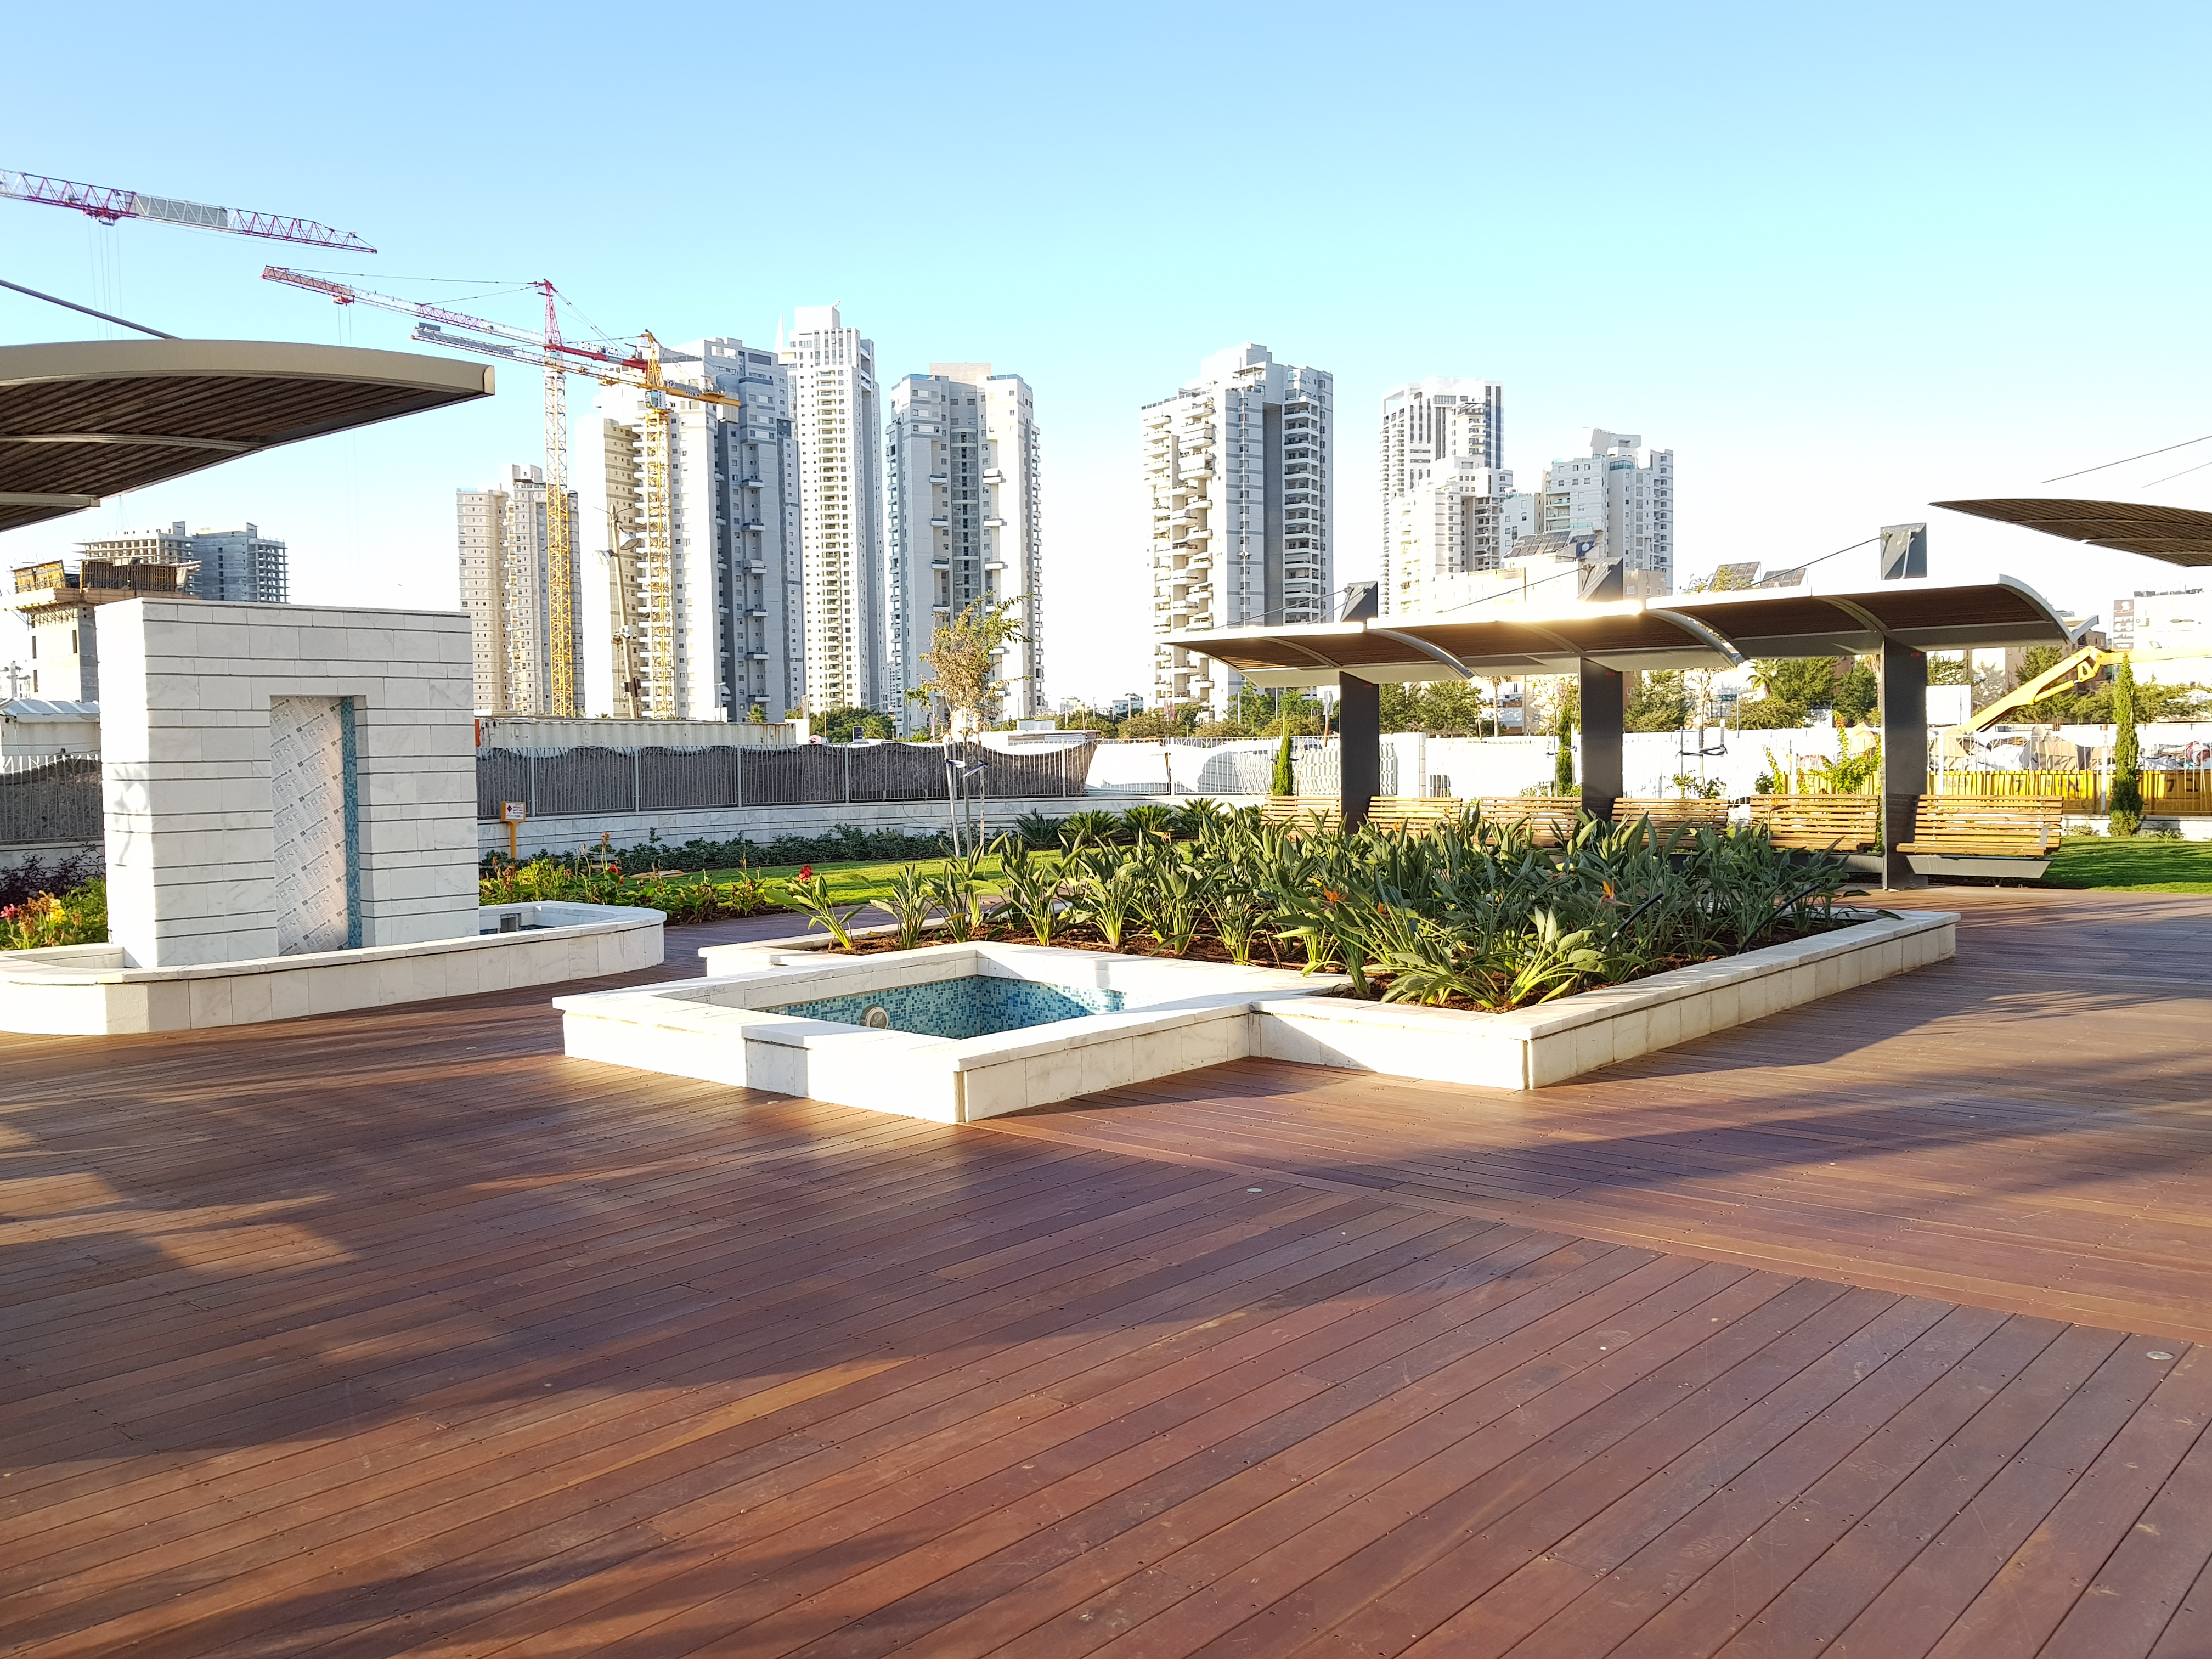 משהו רציני ניהול נכסים בתל אביב | ניהול דירות למכירה בתל אביב | חברה לניהול CU-91